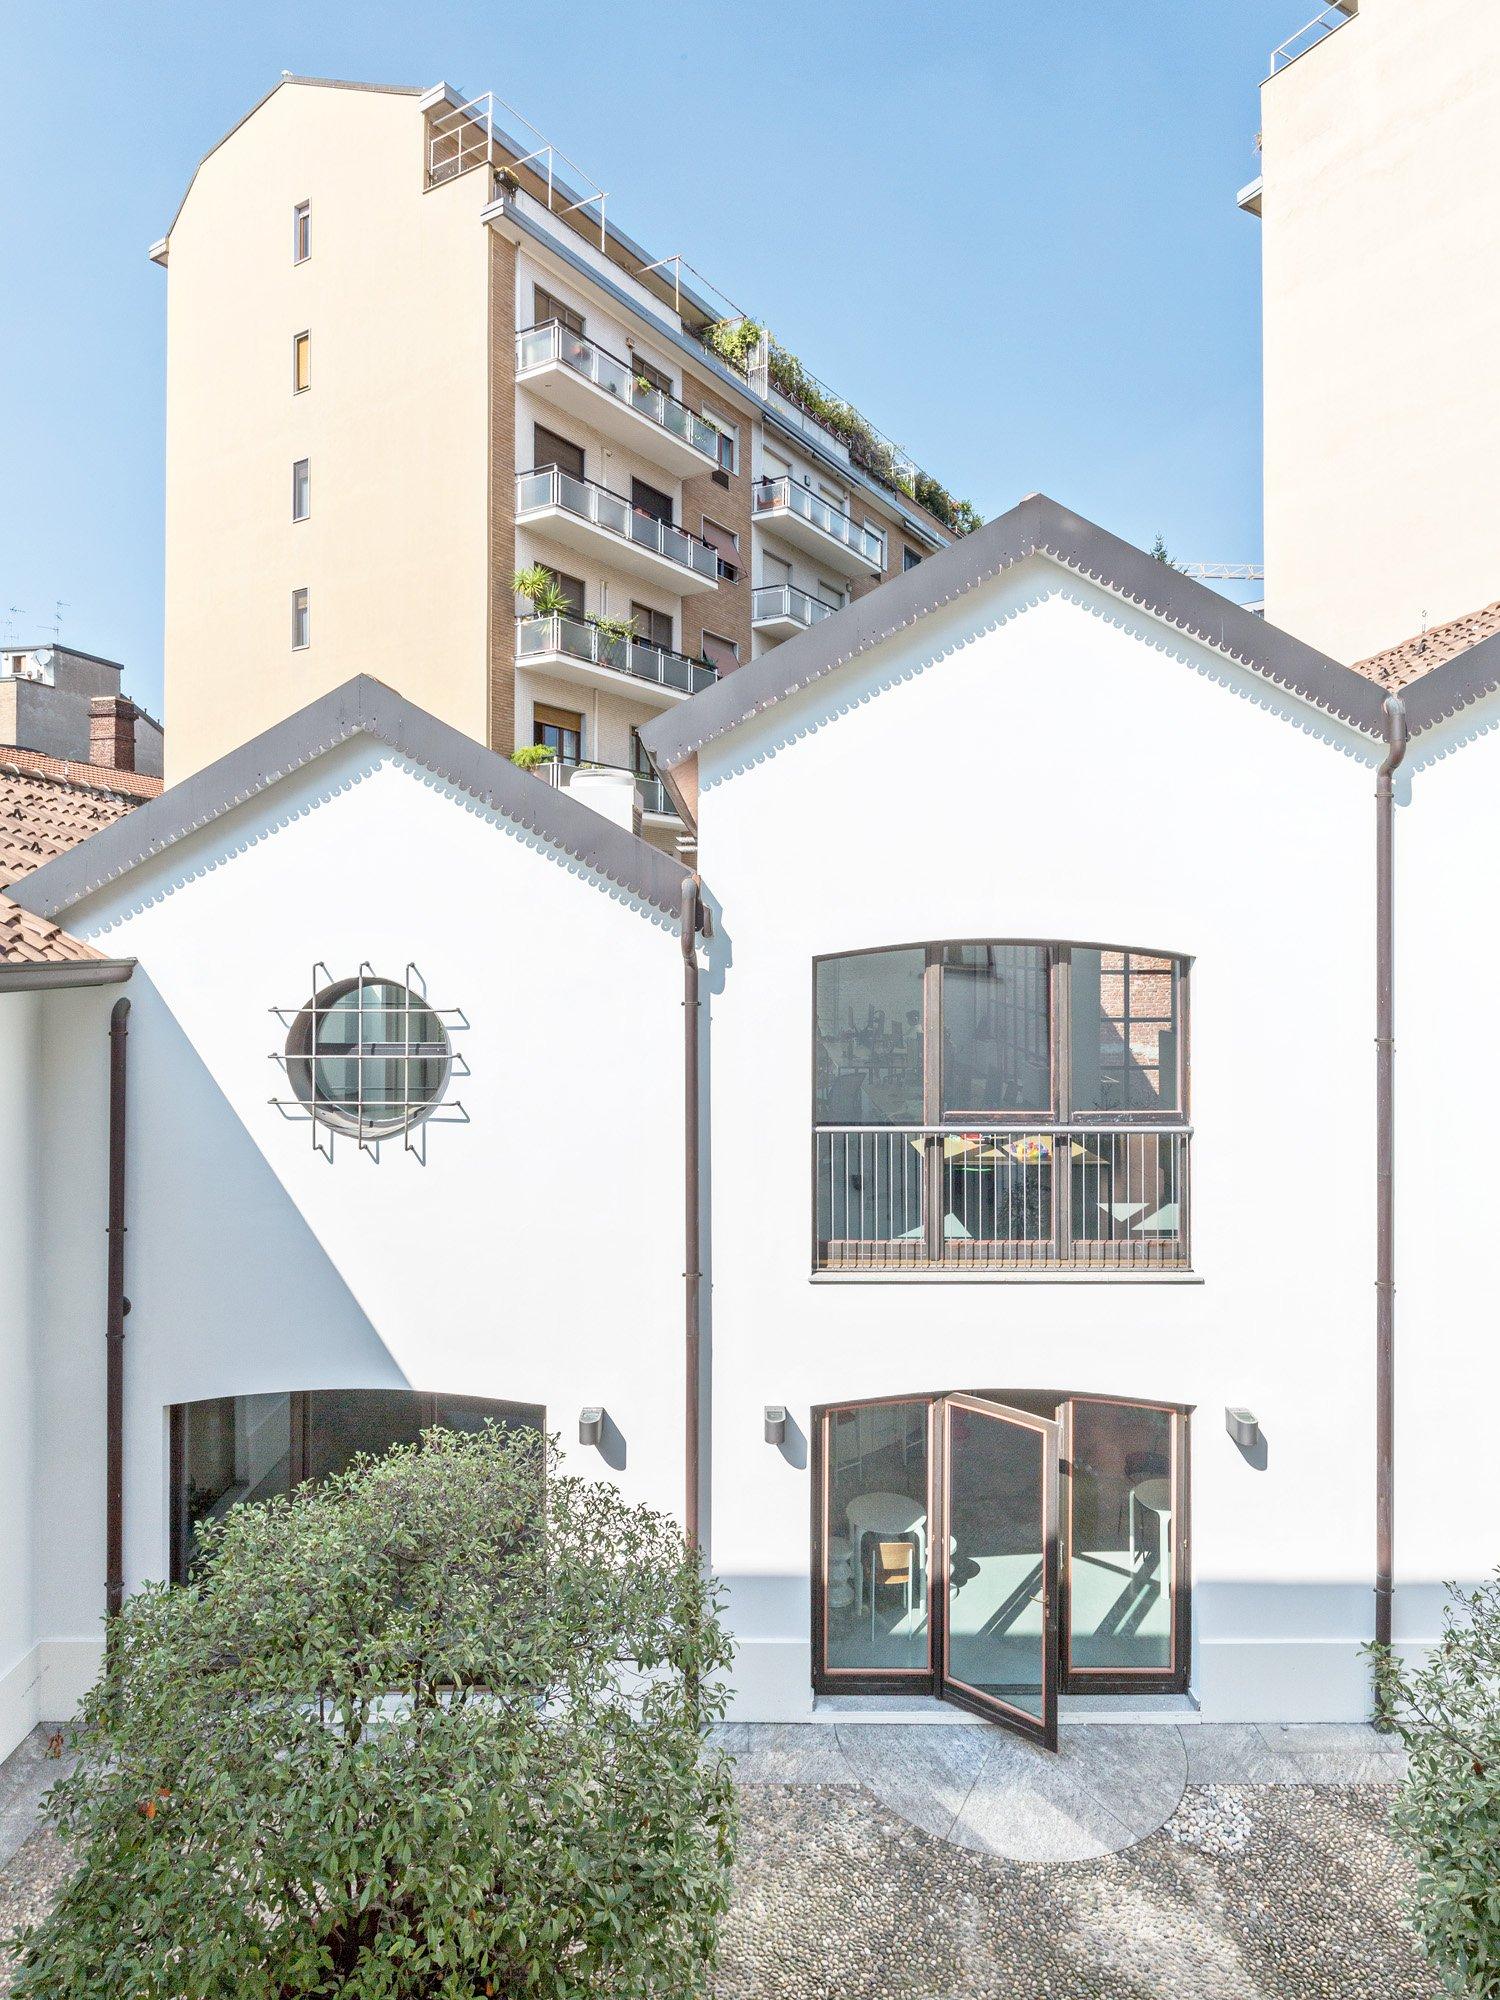 © Beppe Giardino, courtesy Balance Architettura La nuova sede di Satispay a Milano nasce dalla riconversione di un obsoleto edificio direzionale di 2.500 m2 negli uffici della start-up.